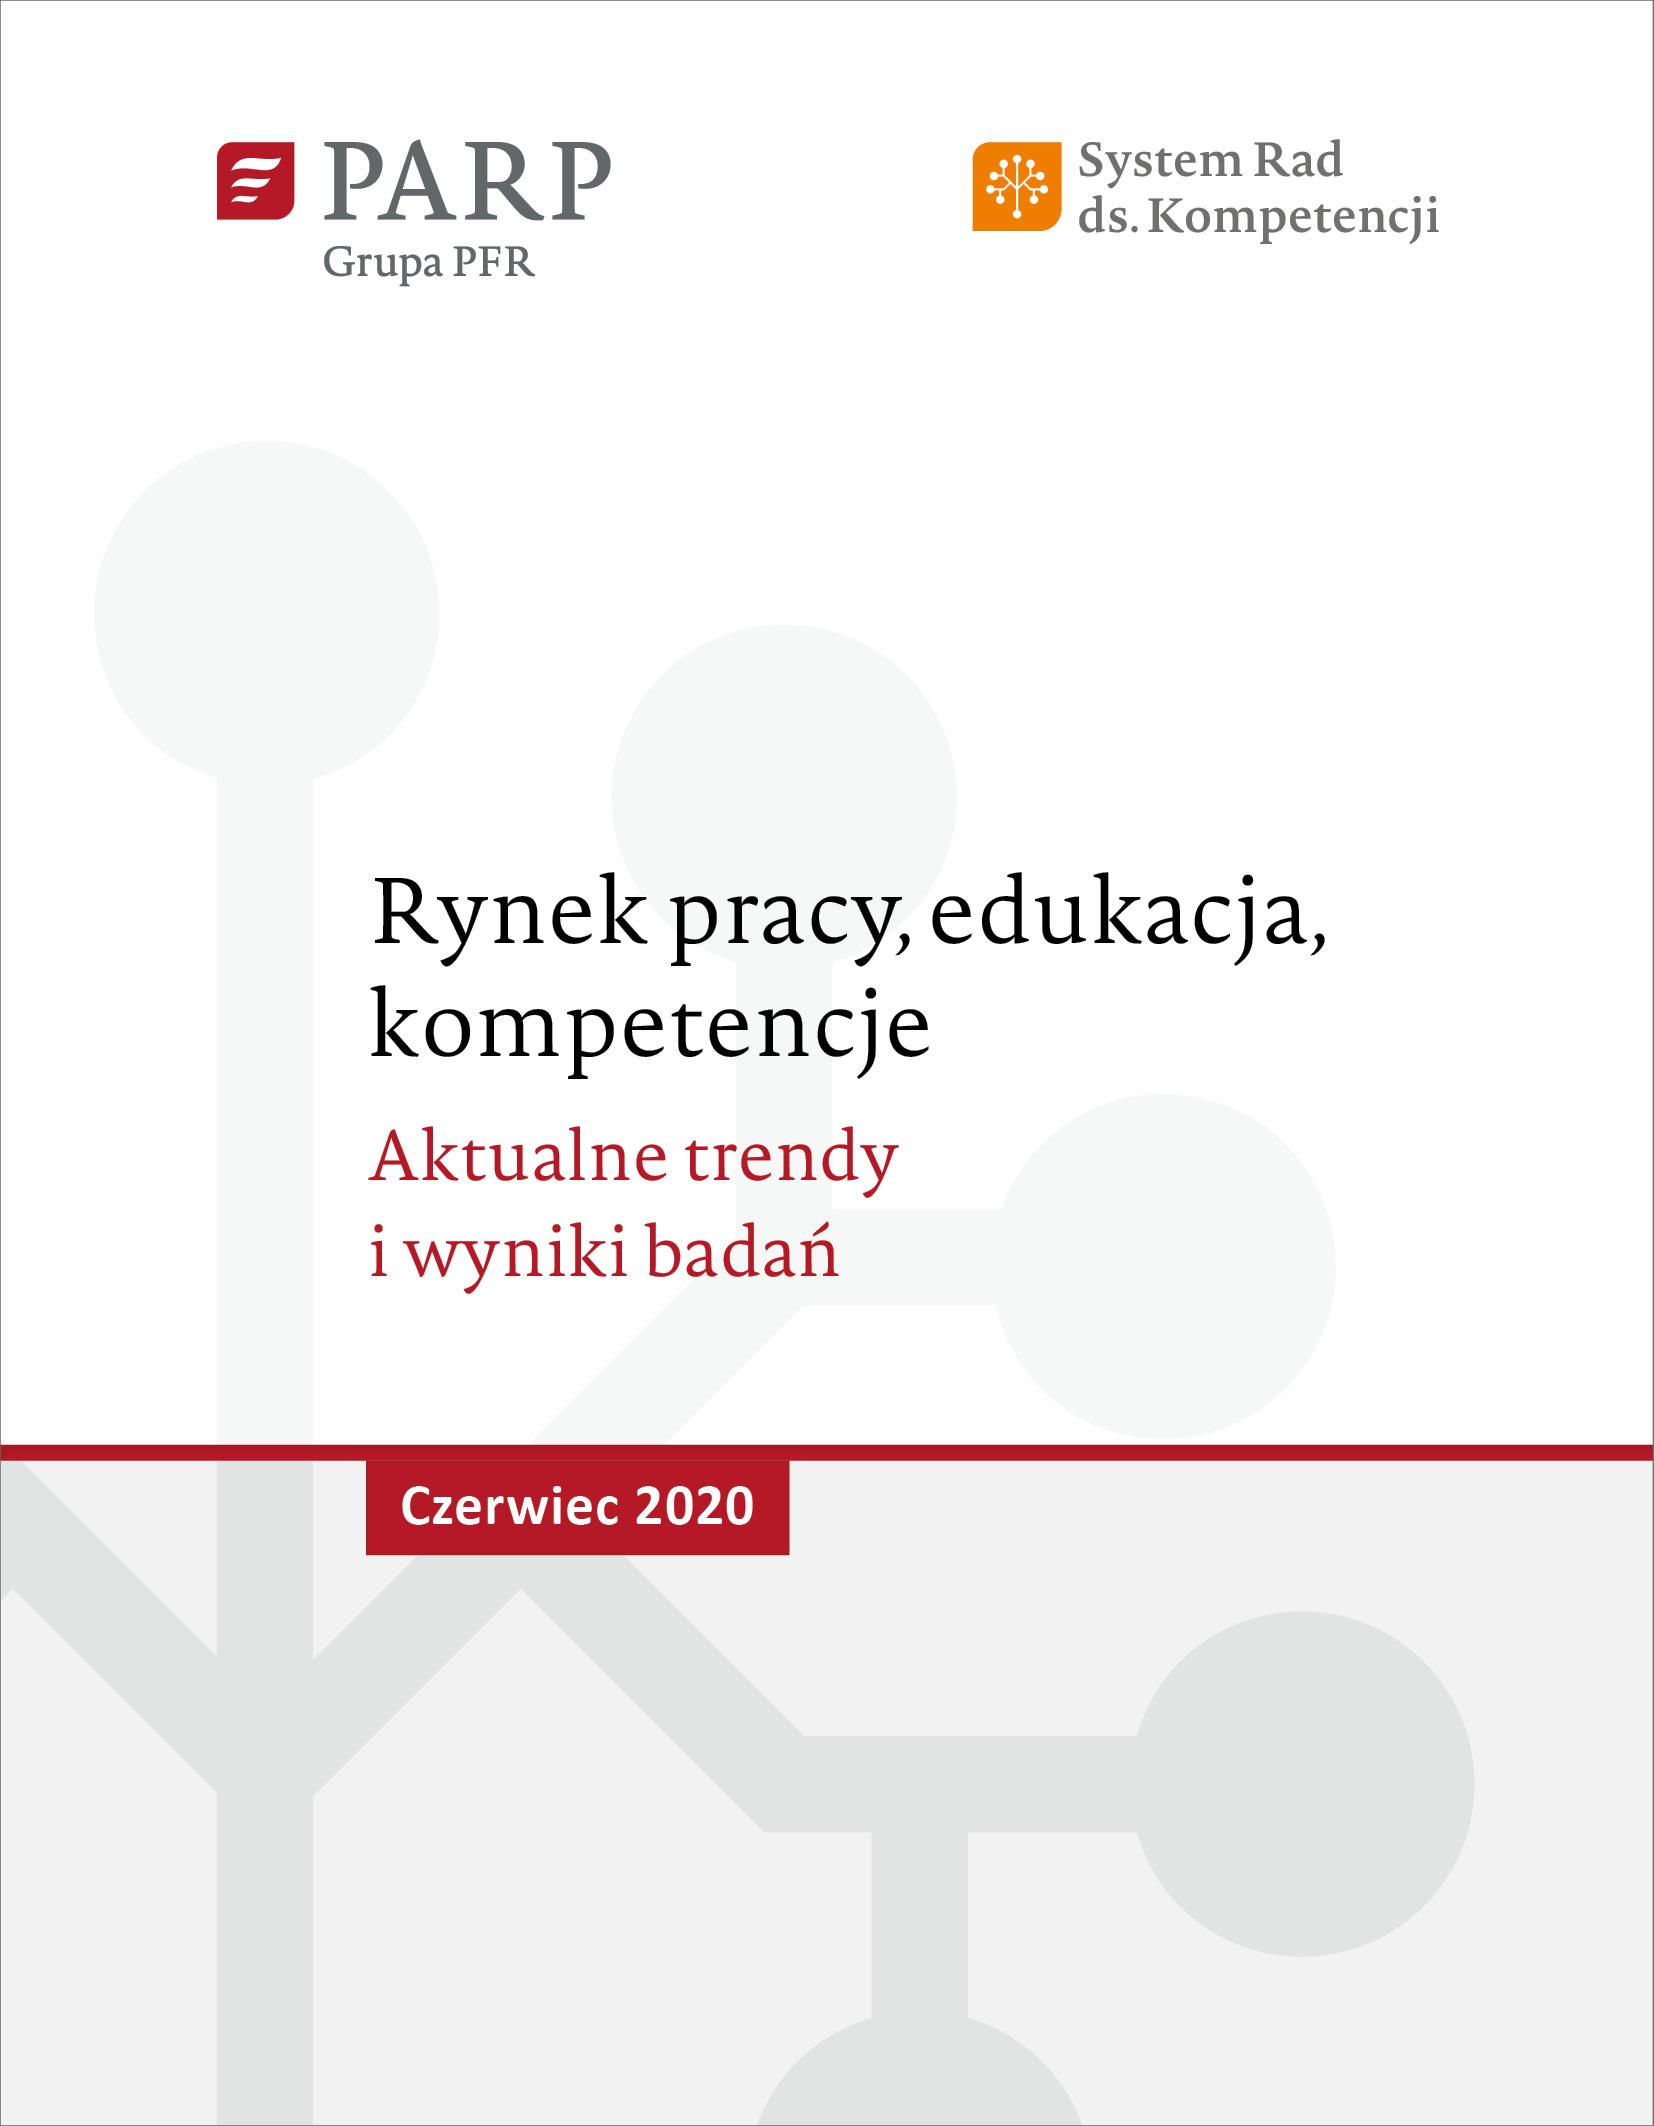 Rynek pracy, edukacja, kompetencje - czerwiec 2020